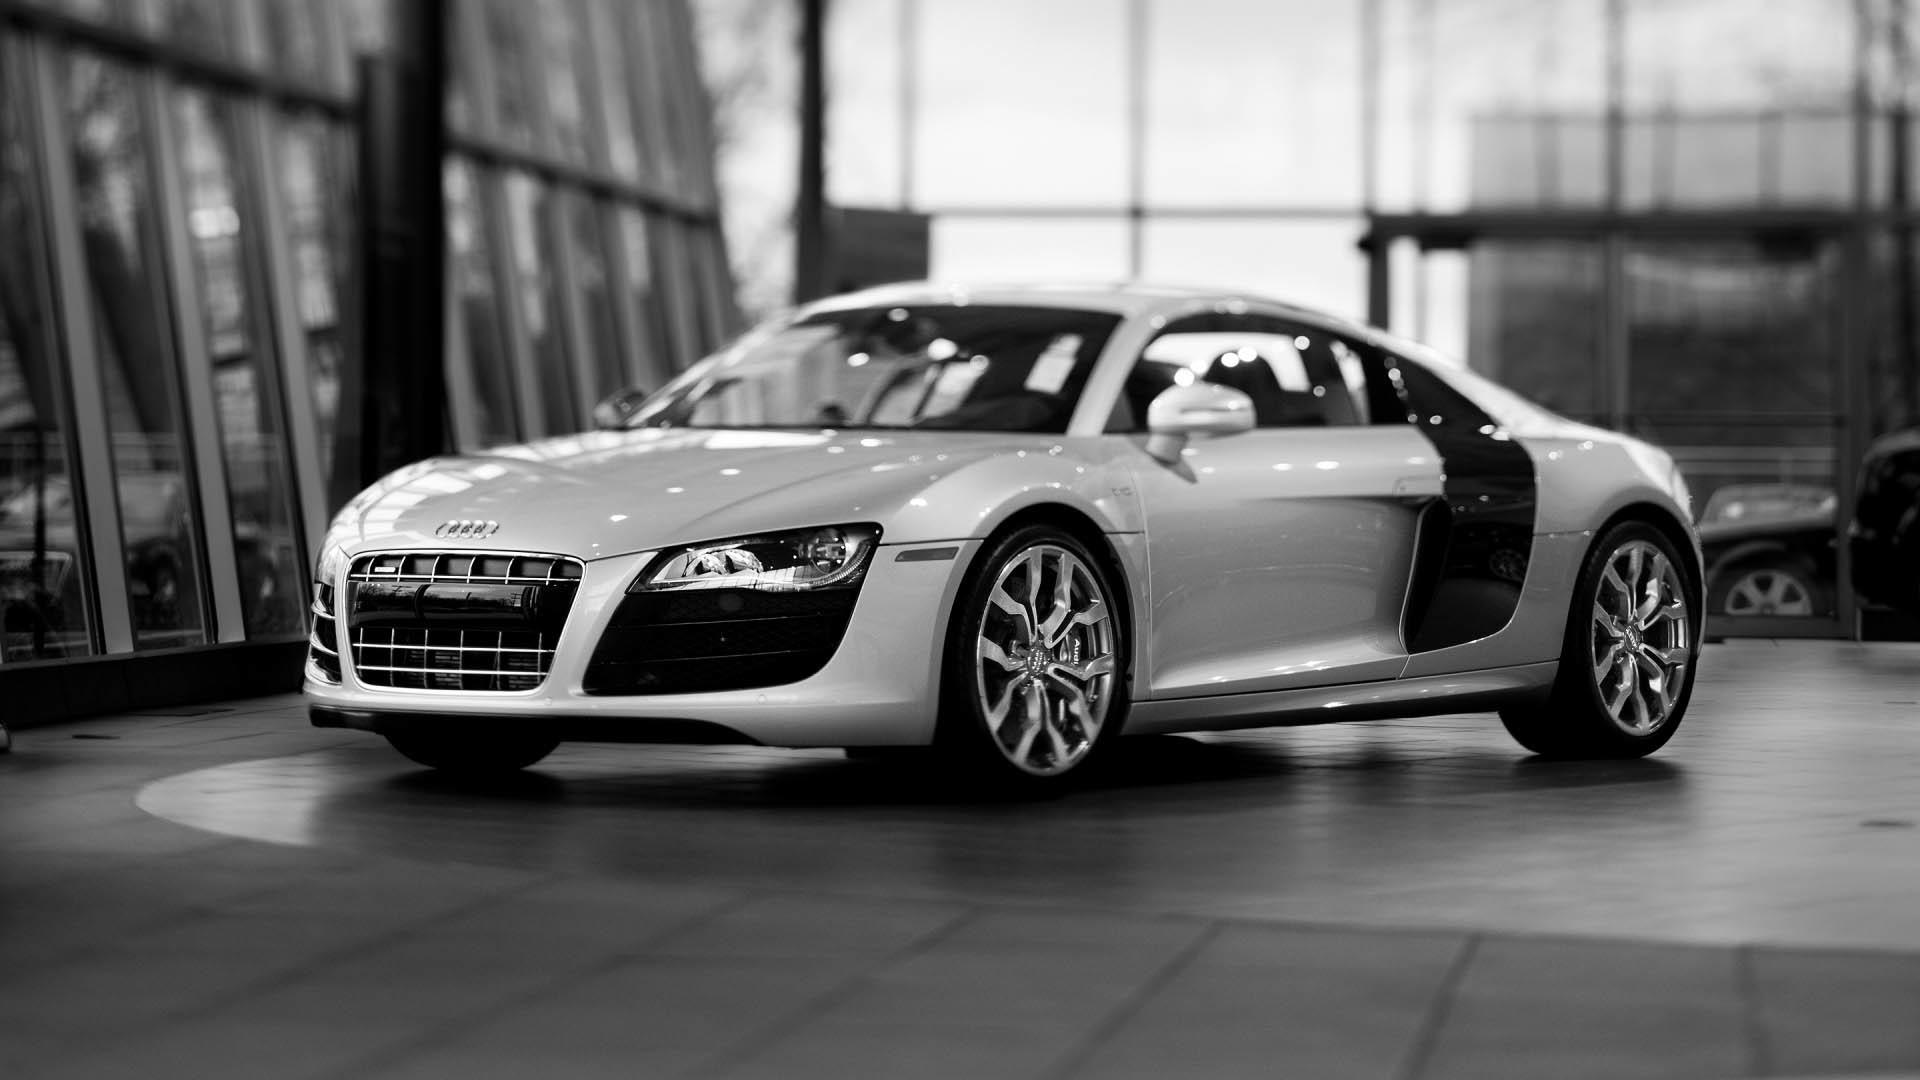 Audi R8 Desktop Wallpapers 8